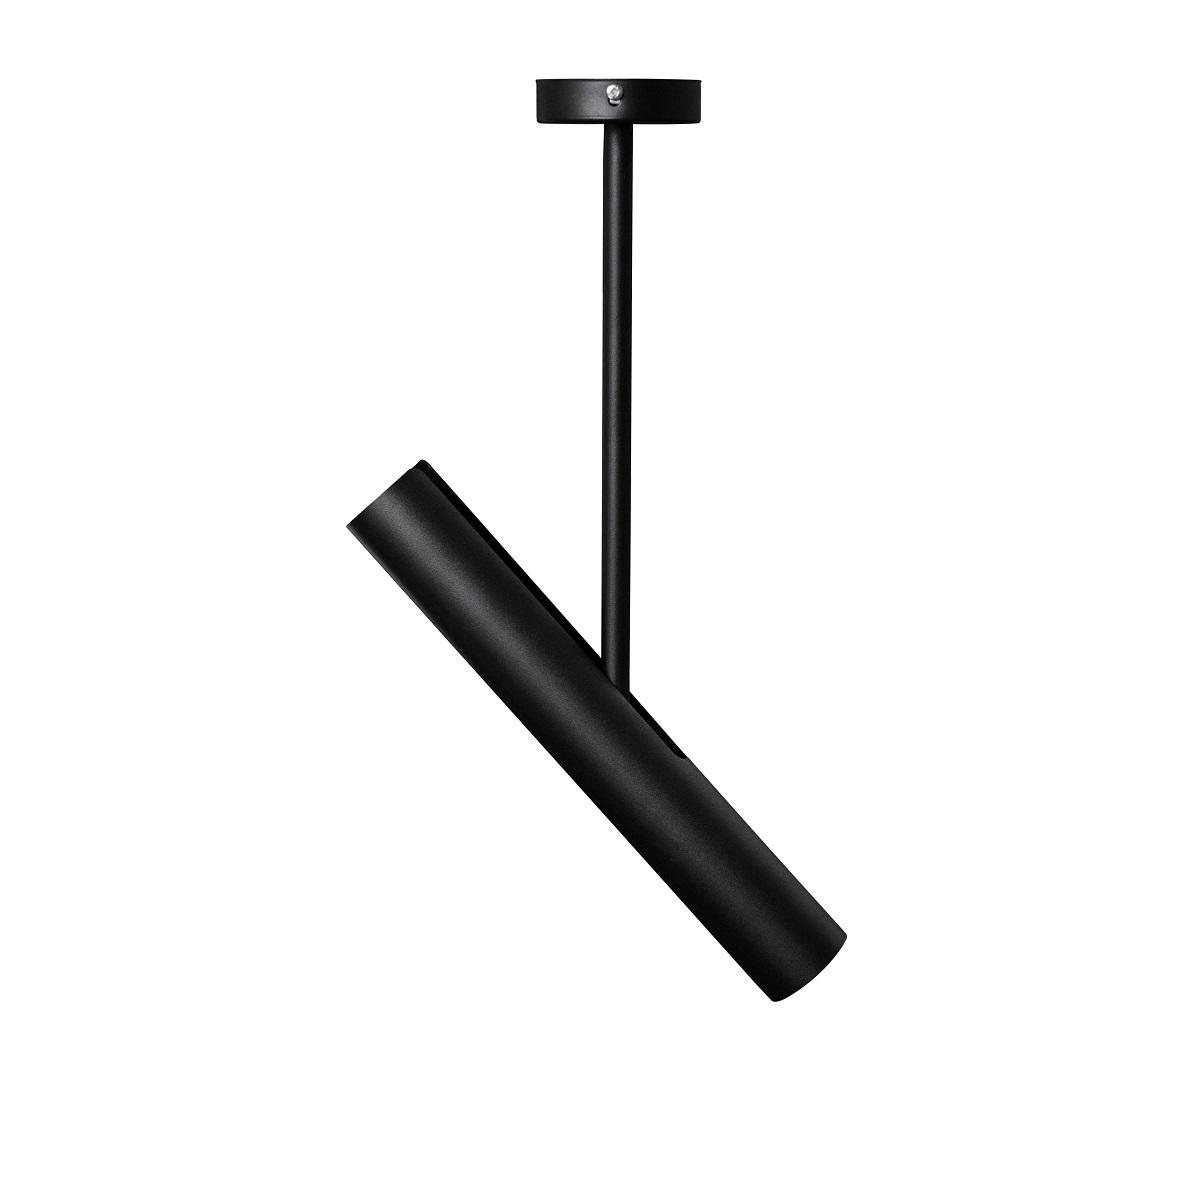 Светильники ЛОФТ - Люстра лофт потолочная с поворотным плафоном 000002800 - Фото 1